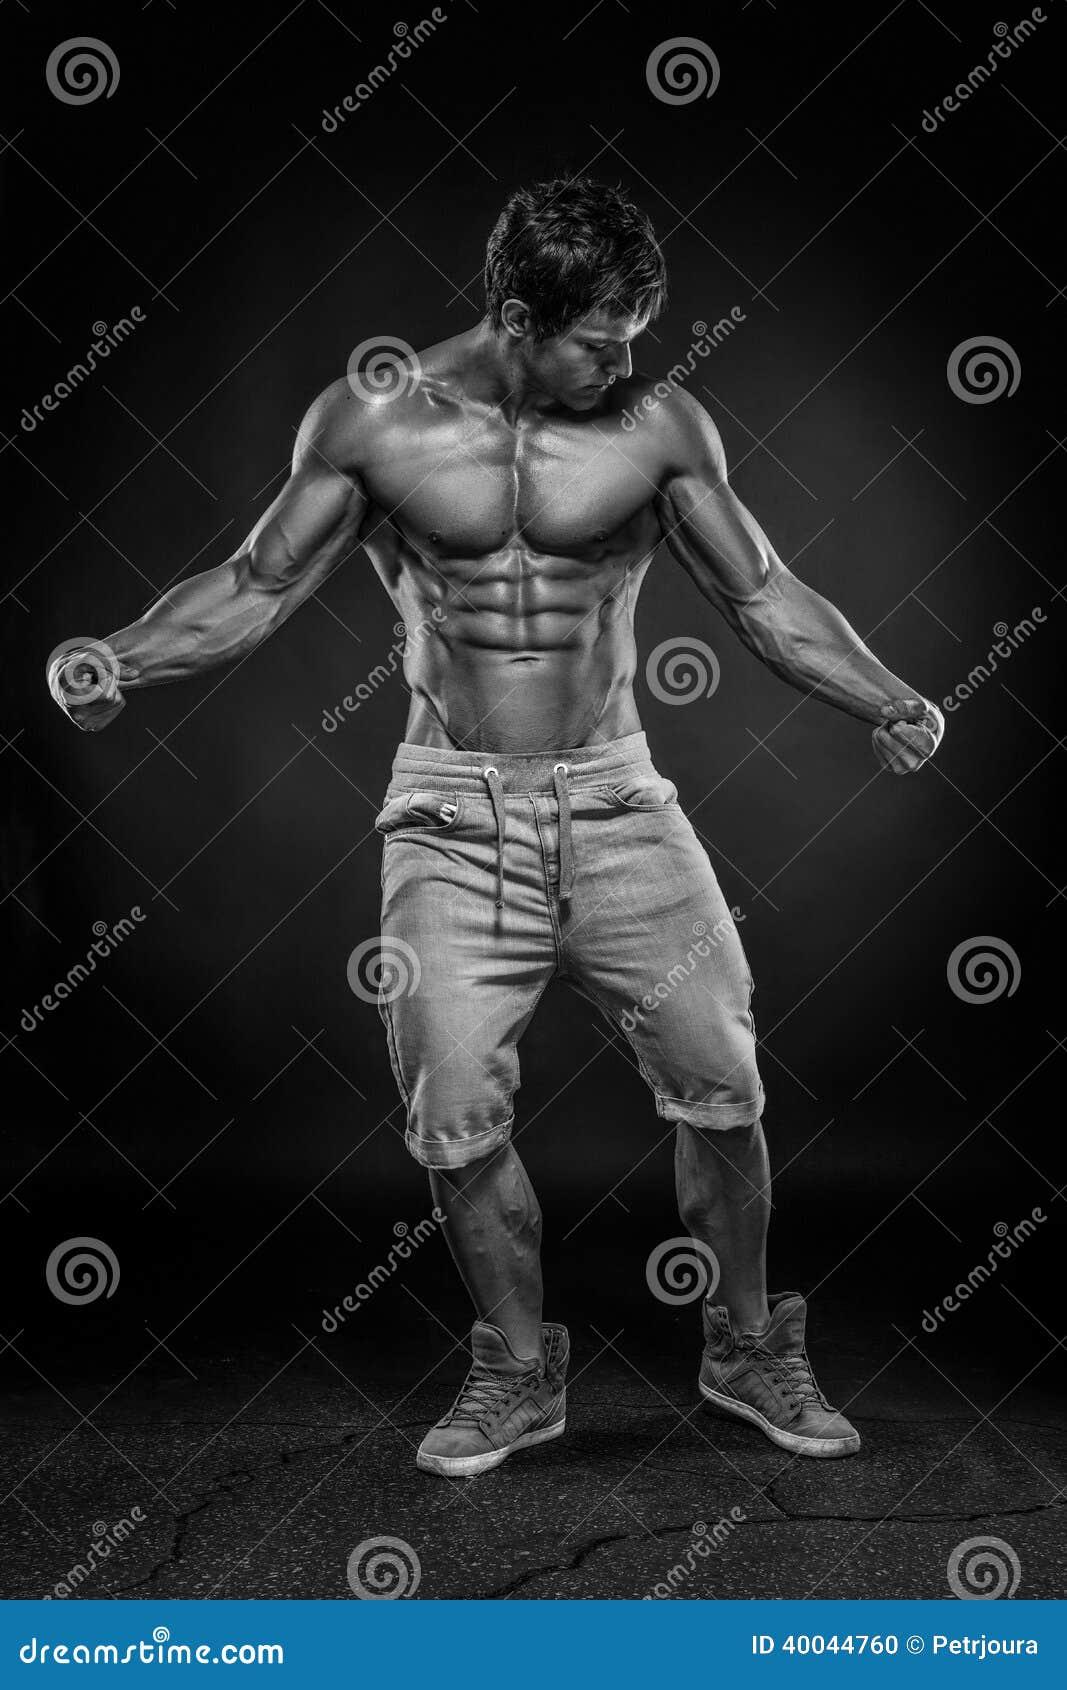 Sterke Atletische Mensengeschiktheid ModelTorso die grote spieren over tonen